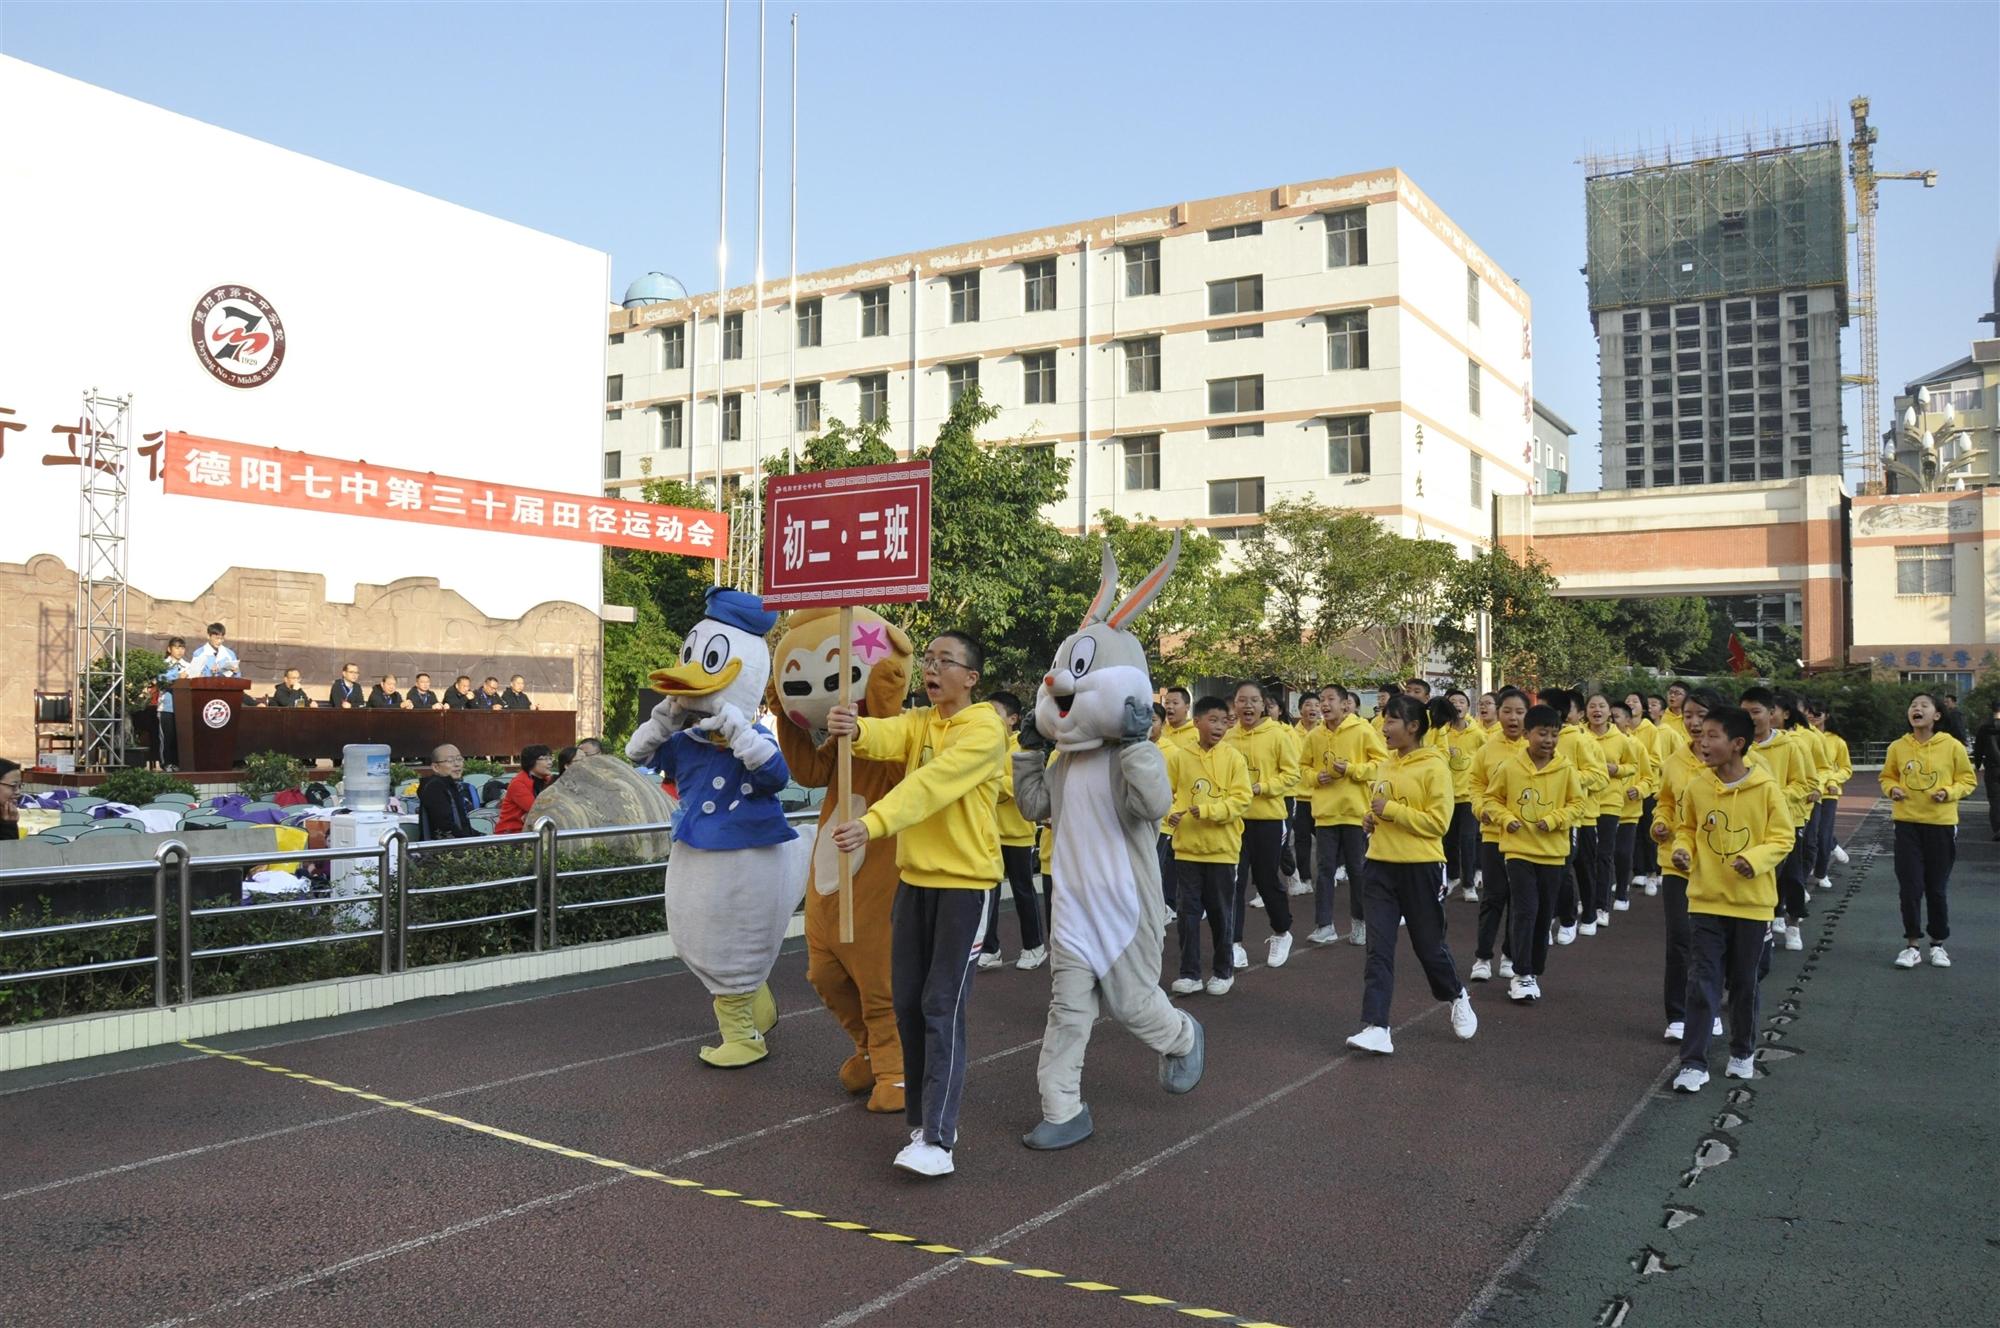 德阳七中第三十届田径运动会今天开幕个性化入场创意浓